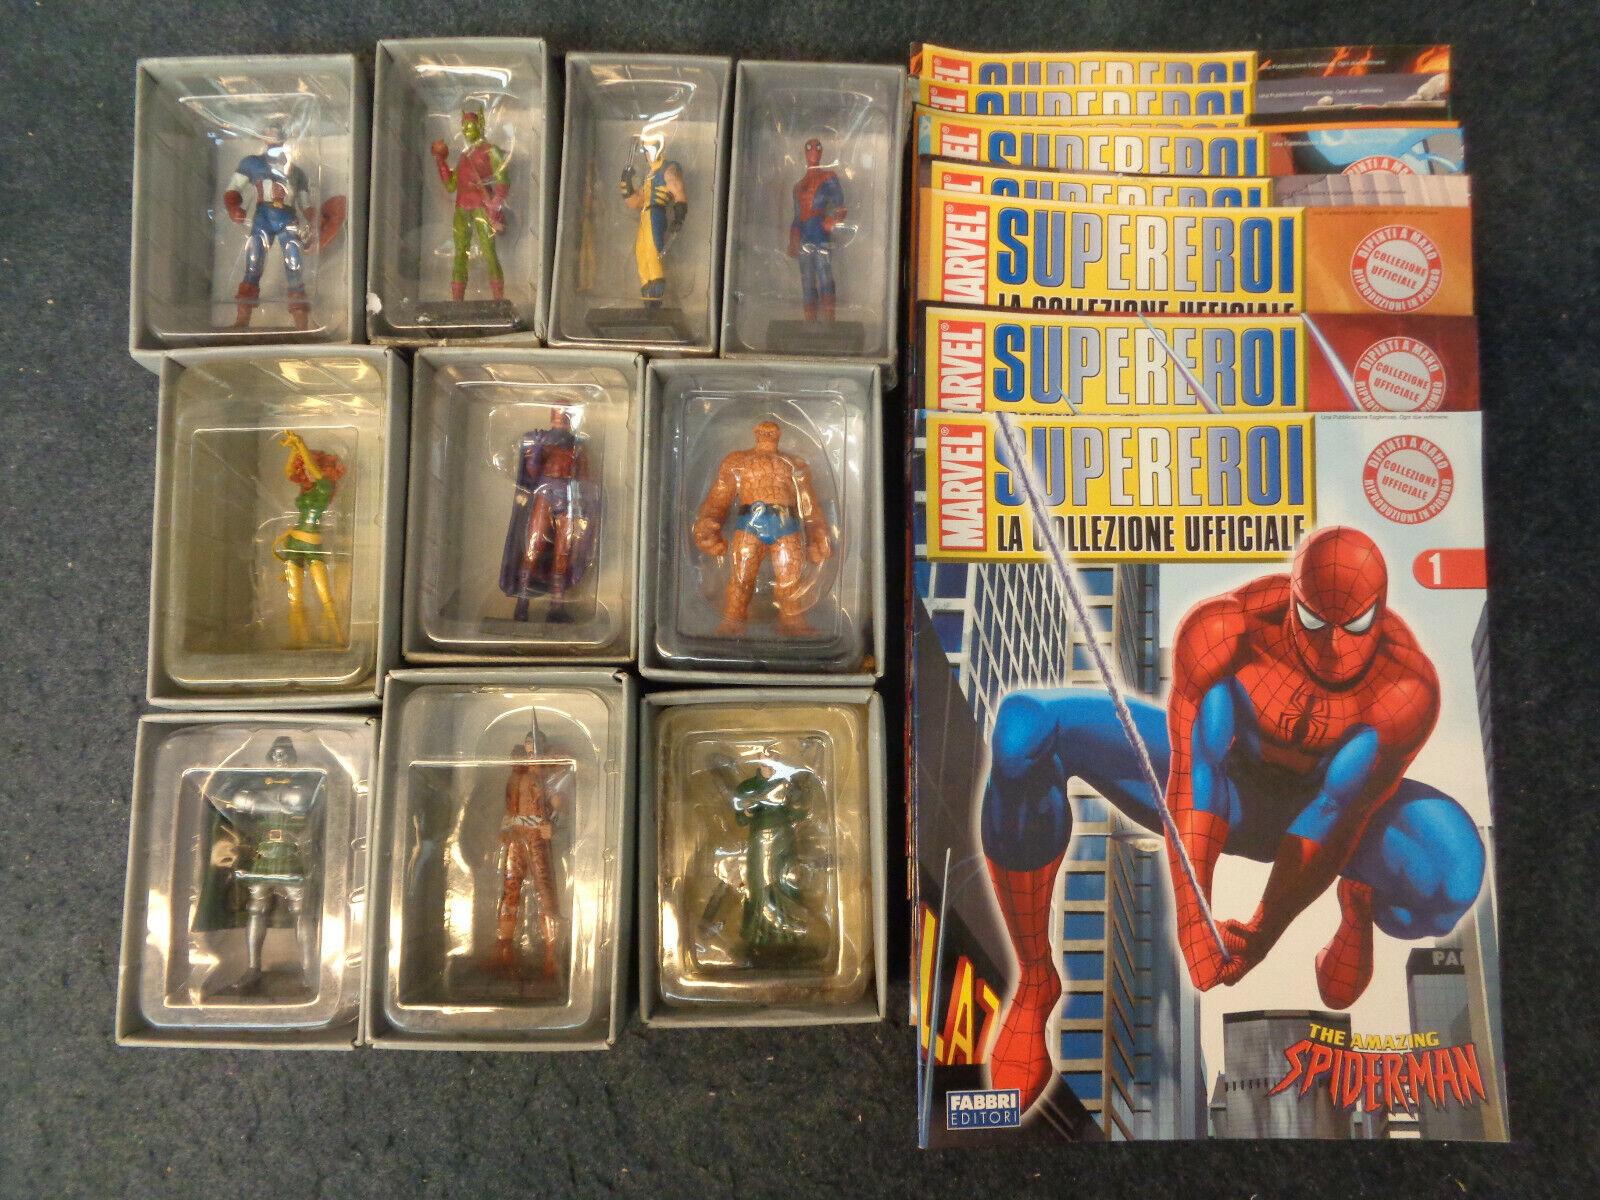 Marvel Superheroes Official Collection 1 10 missing 8 + 23 Eaglemoss-m17-FLG